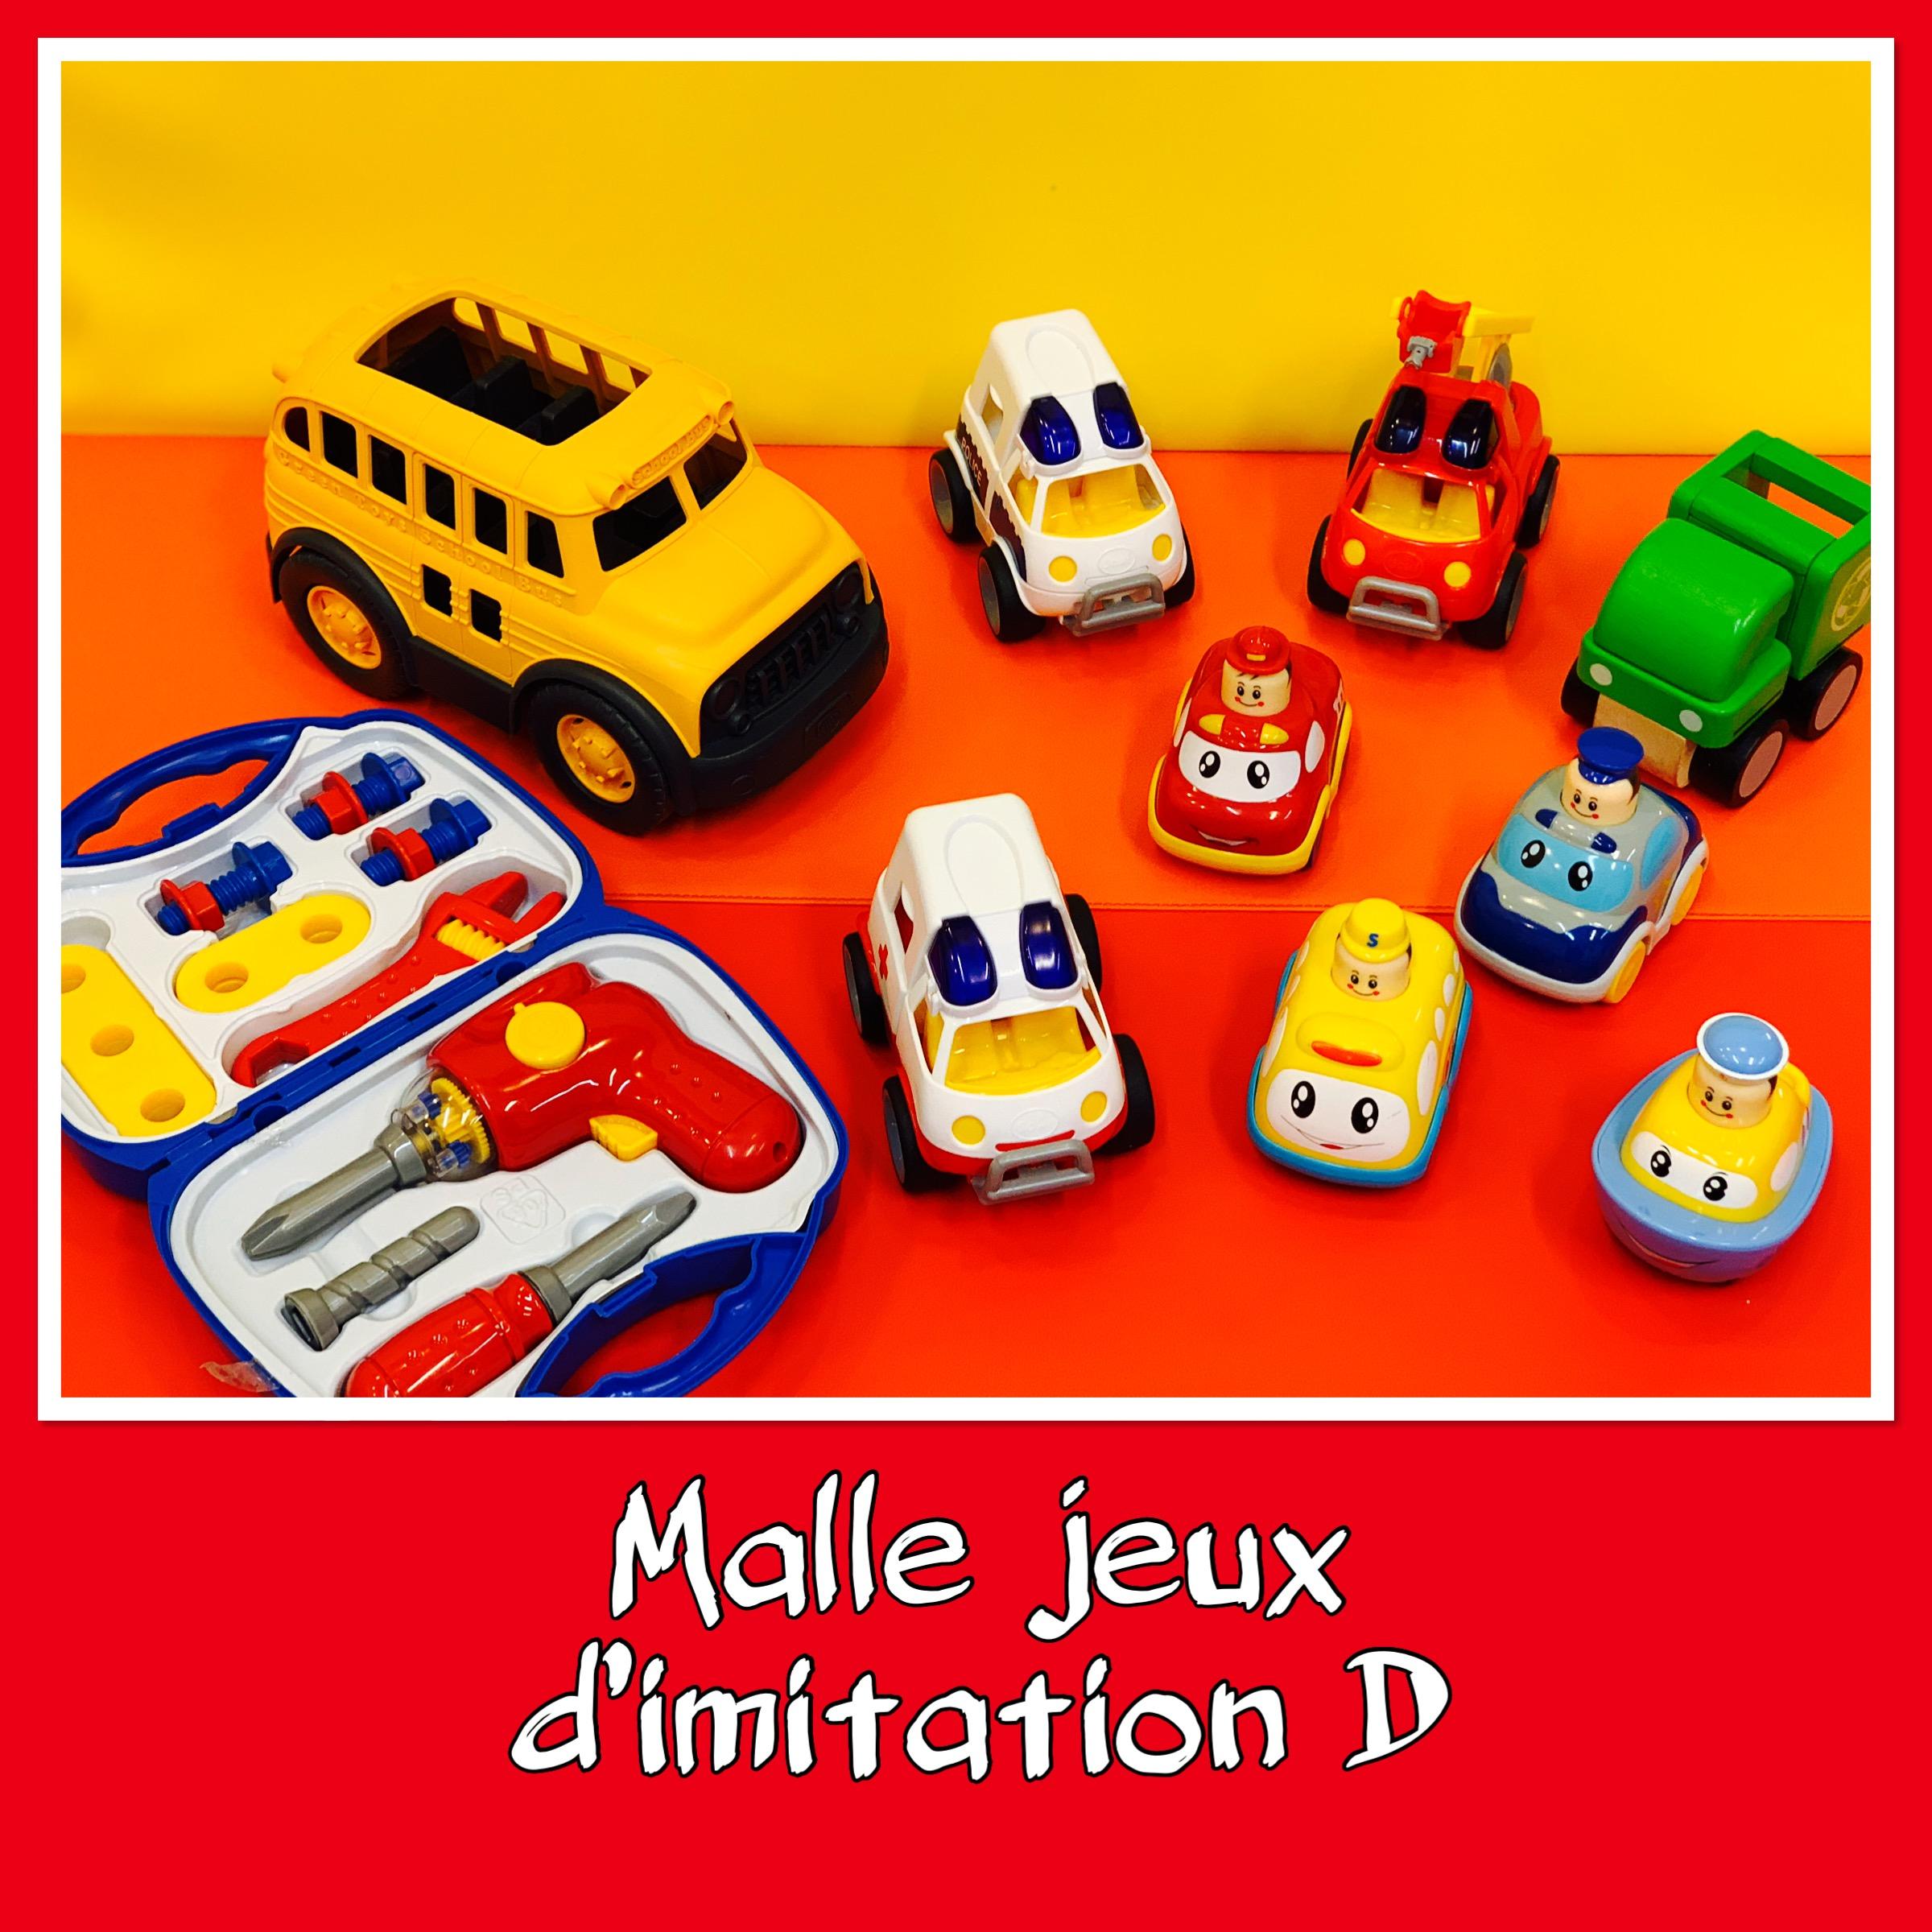 Malle imitation 5